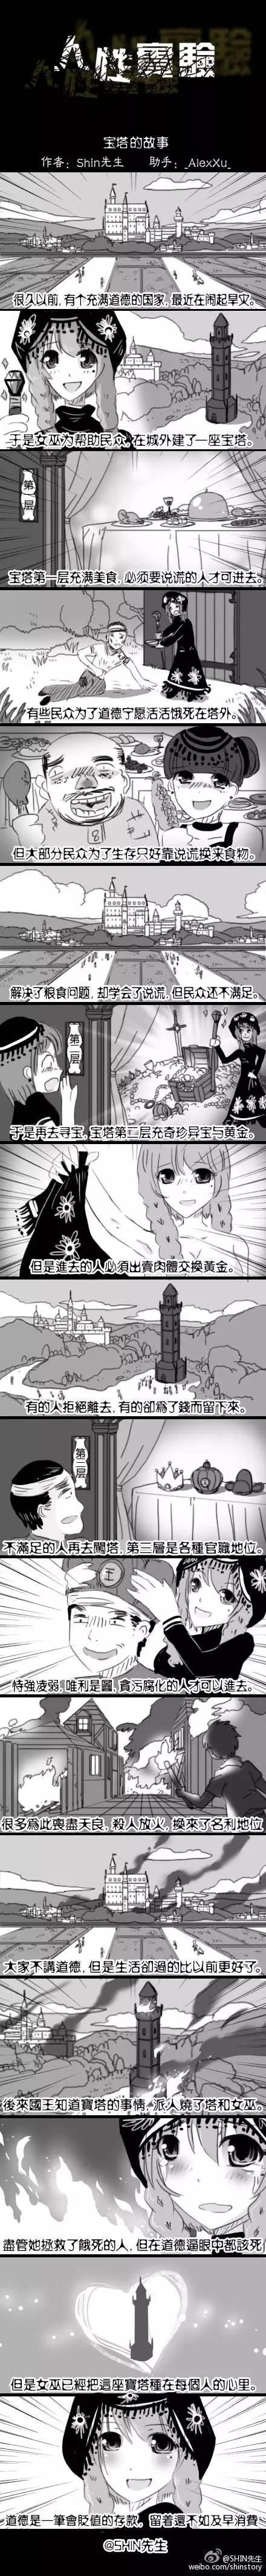 人性漫画《宝塔的故事》